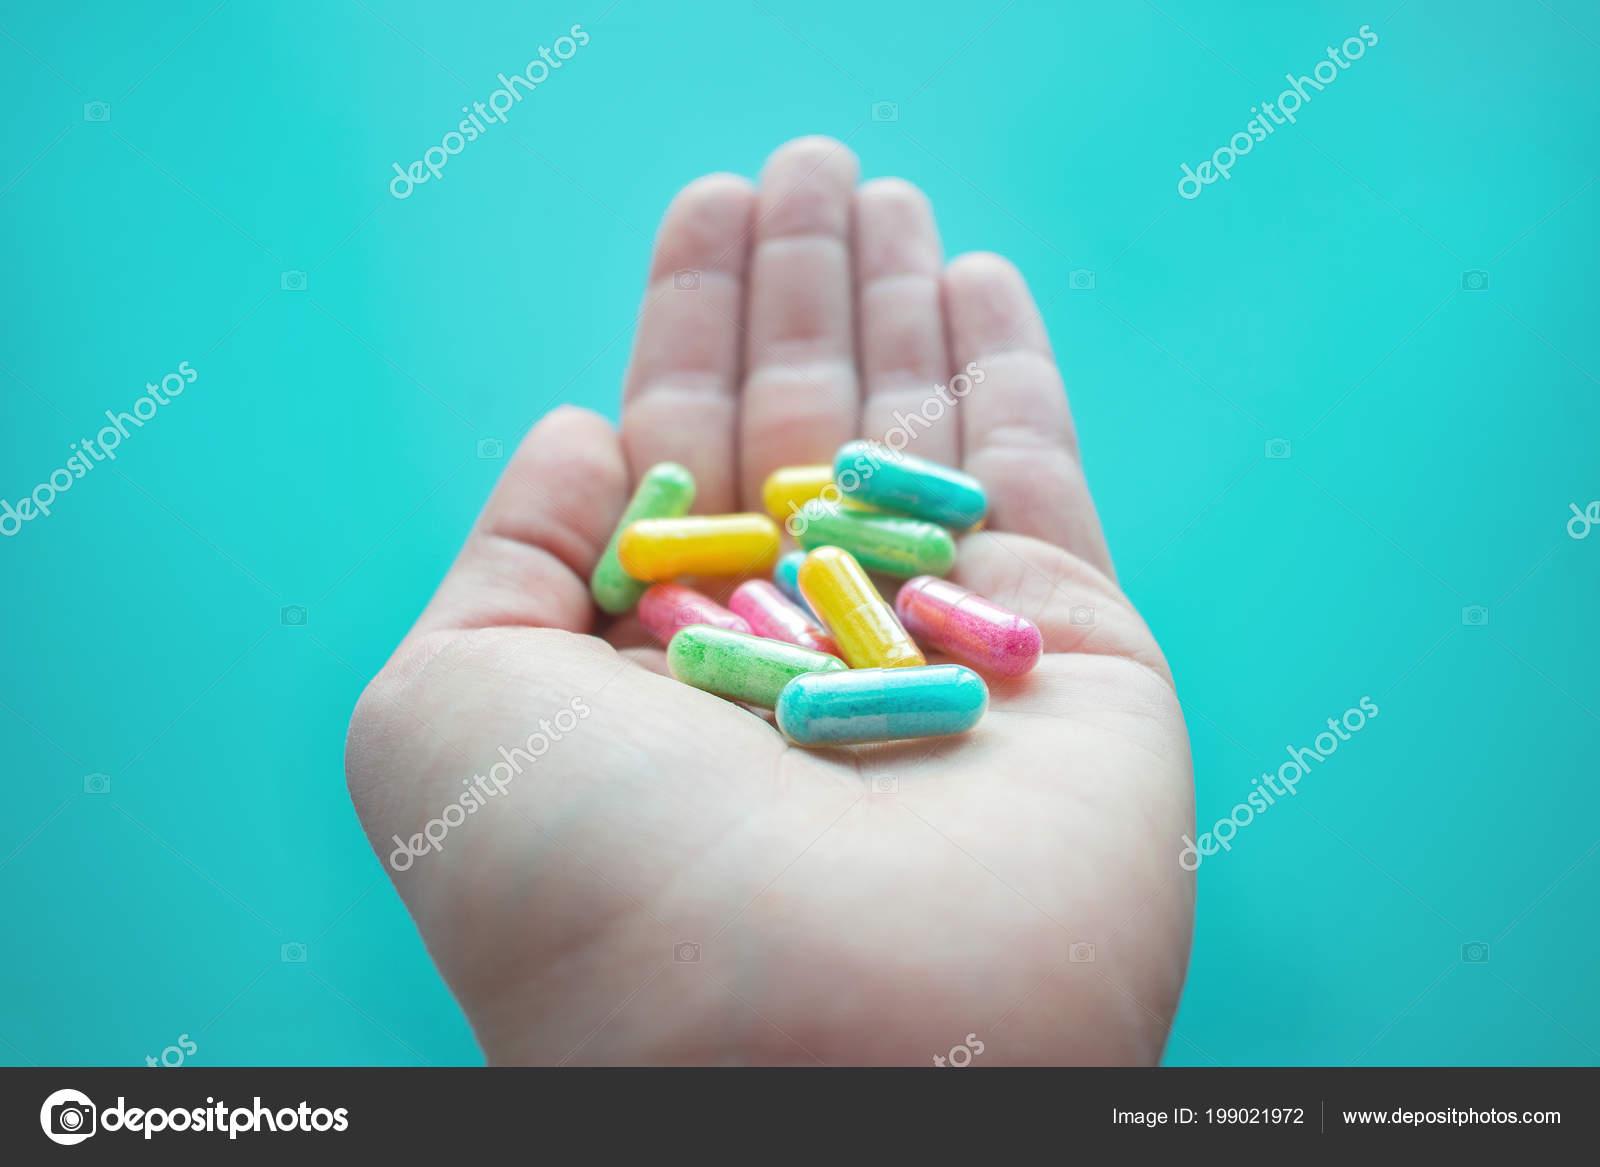 Nootropics Smart Drugs Cognitive Enhancers Compounds Enhance Brain